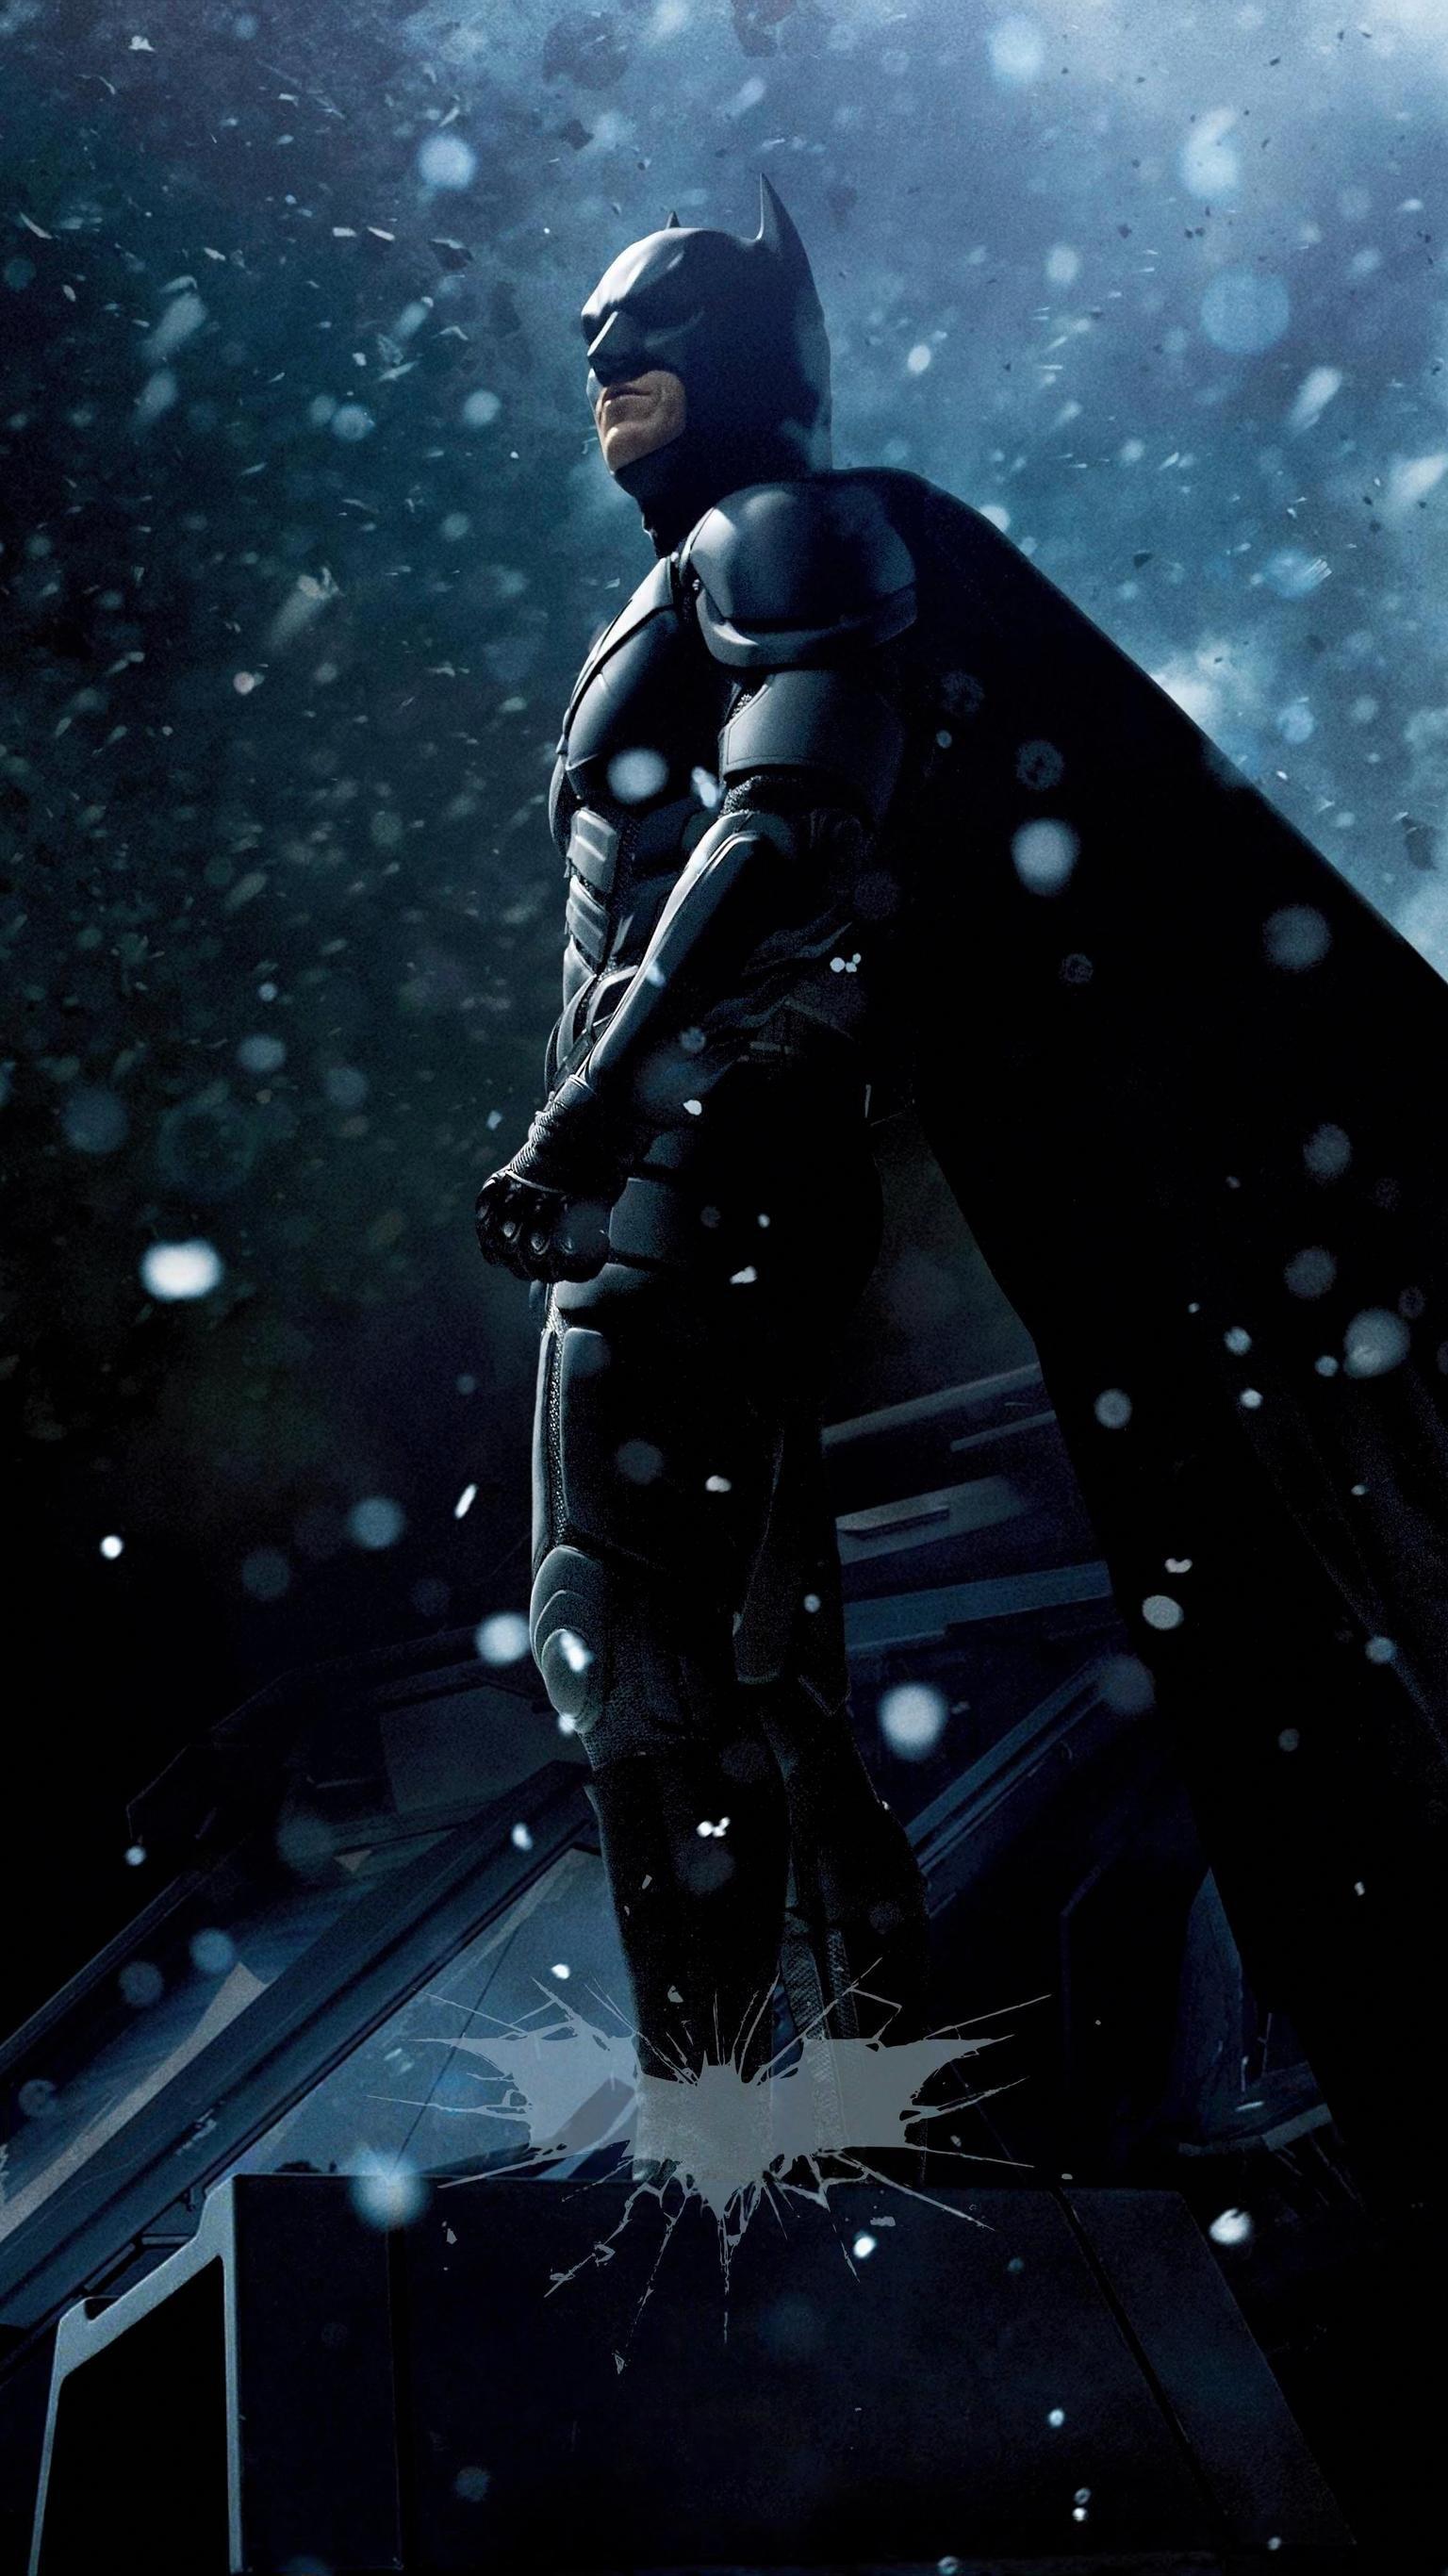 The Dark Knight Rises (2012) Phone Wallpaper The dark